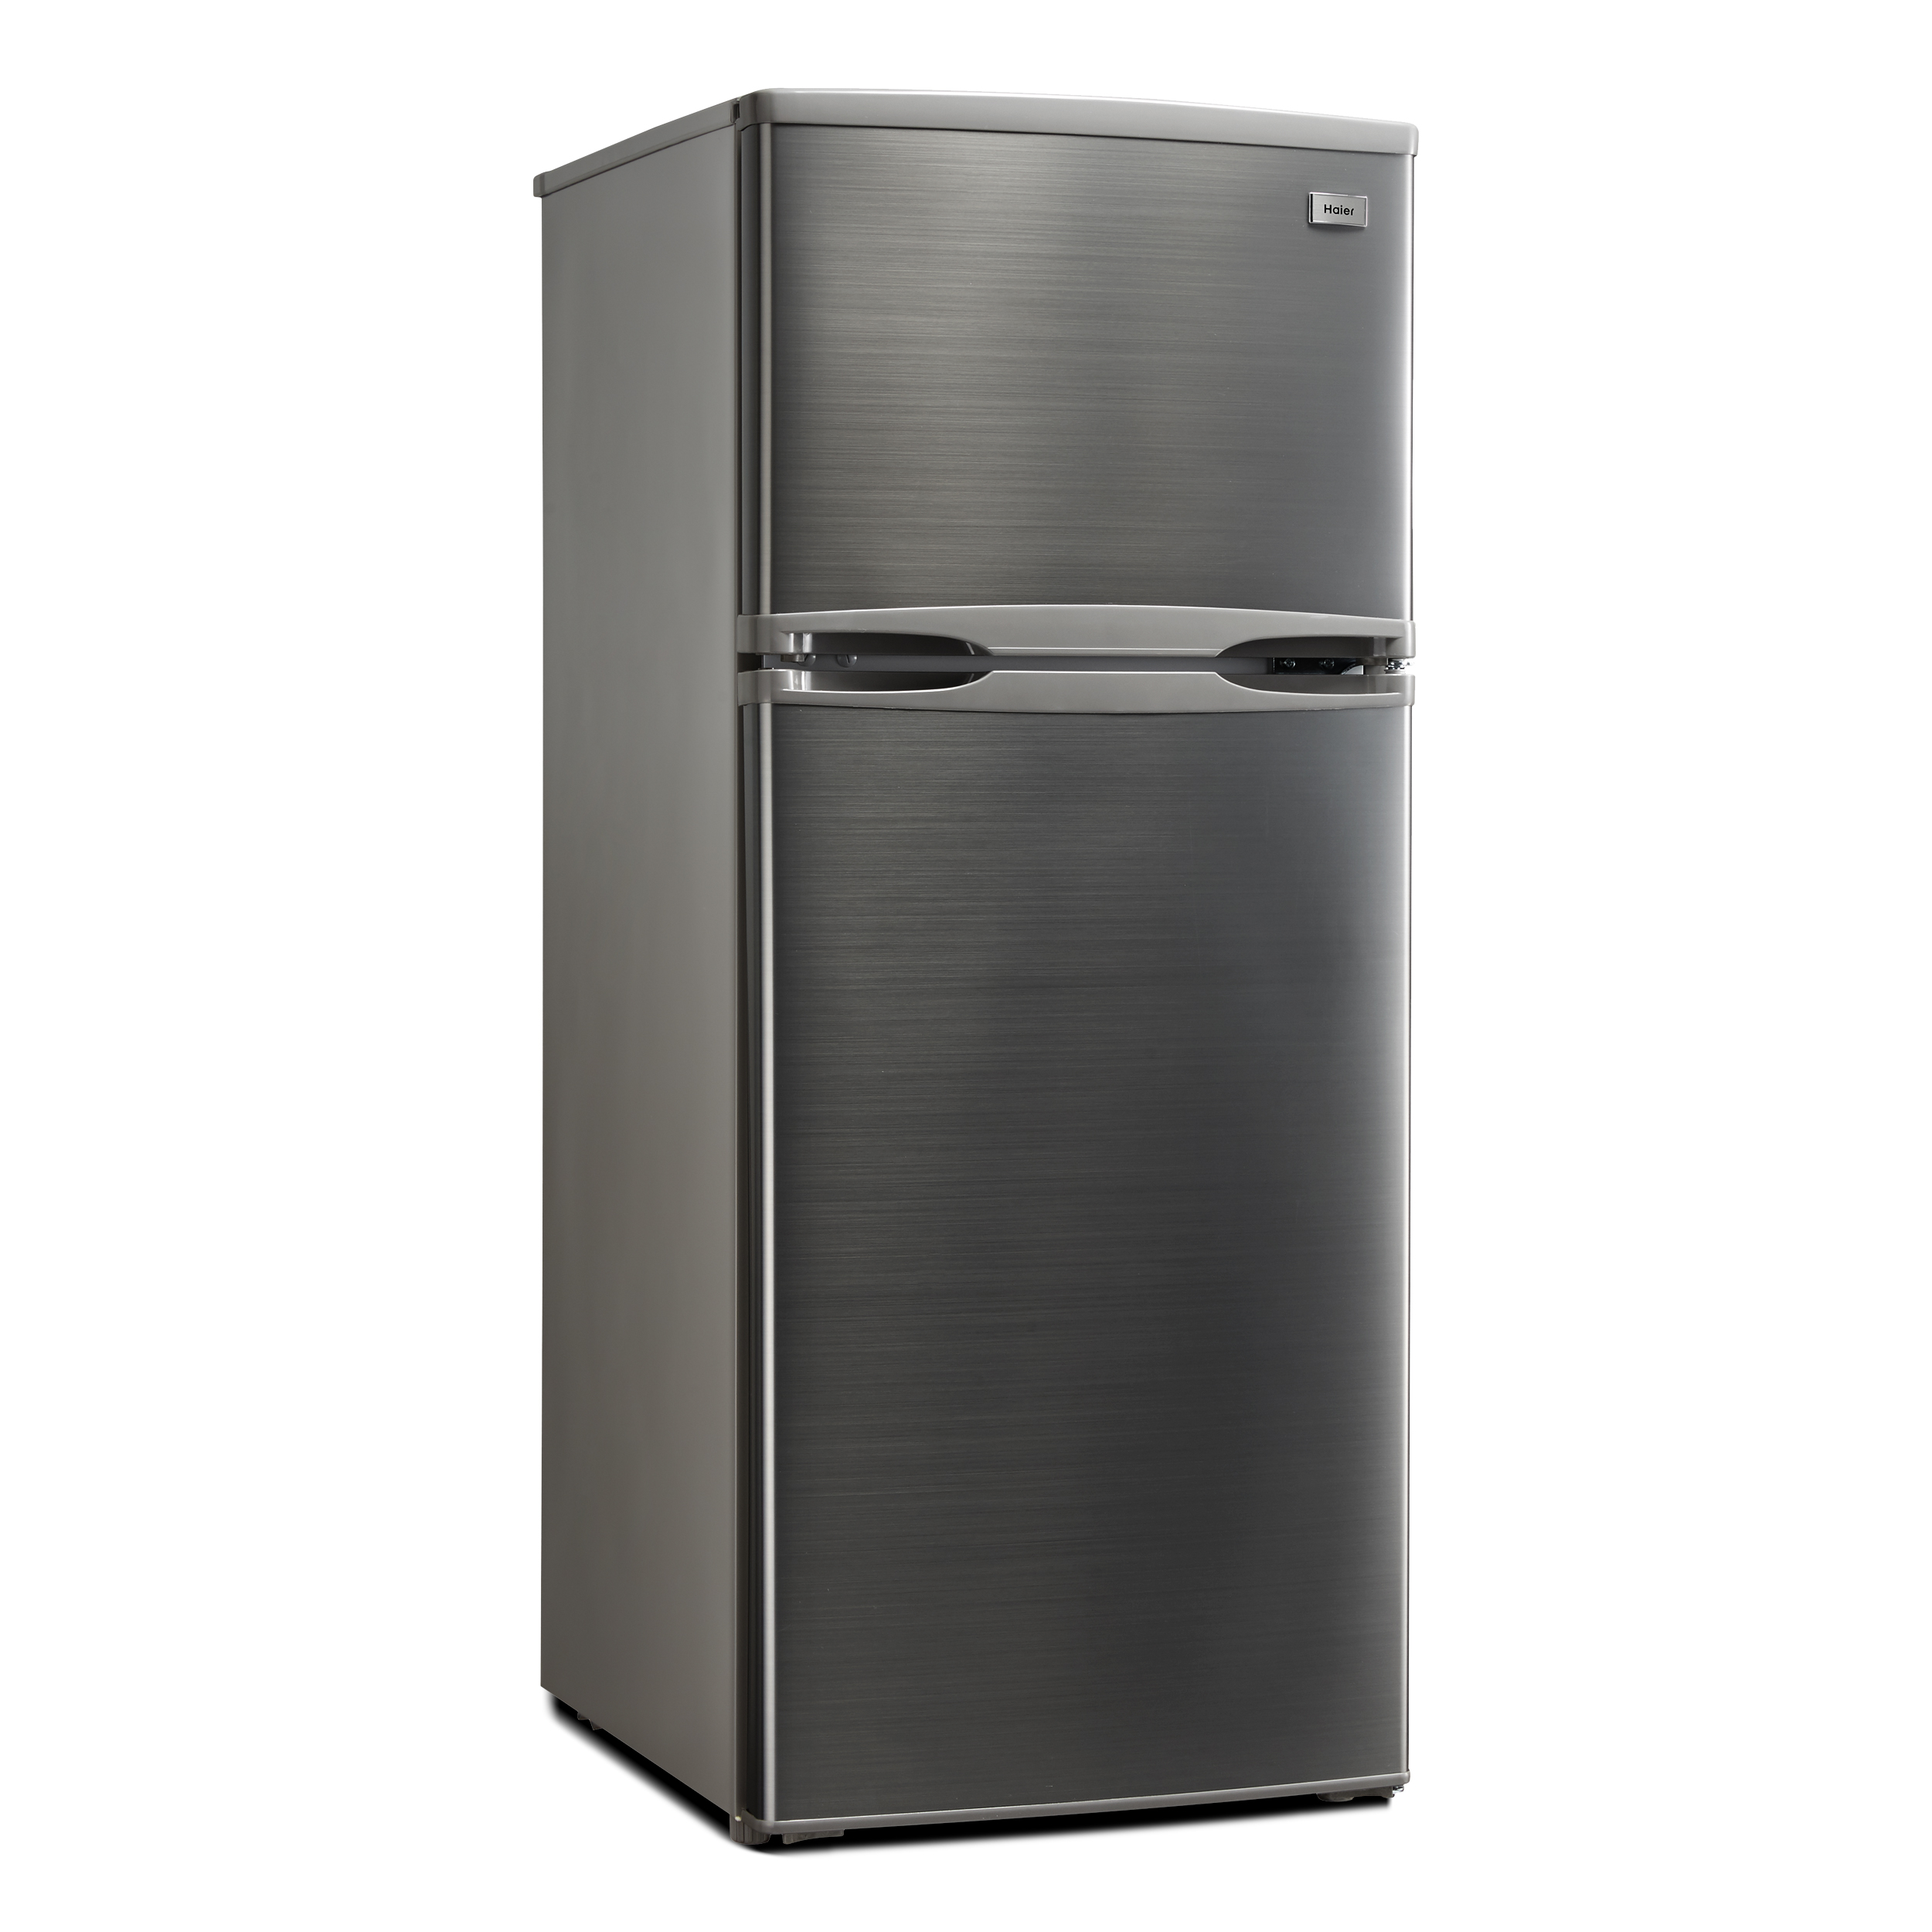 하이얼 1등급 일반소형냉장고 리얼메탈 155L 방문설치, HRT165MDM